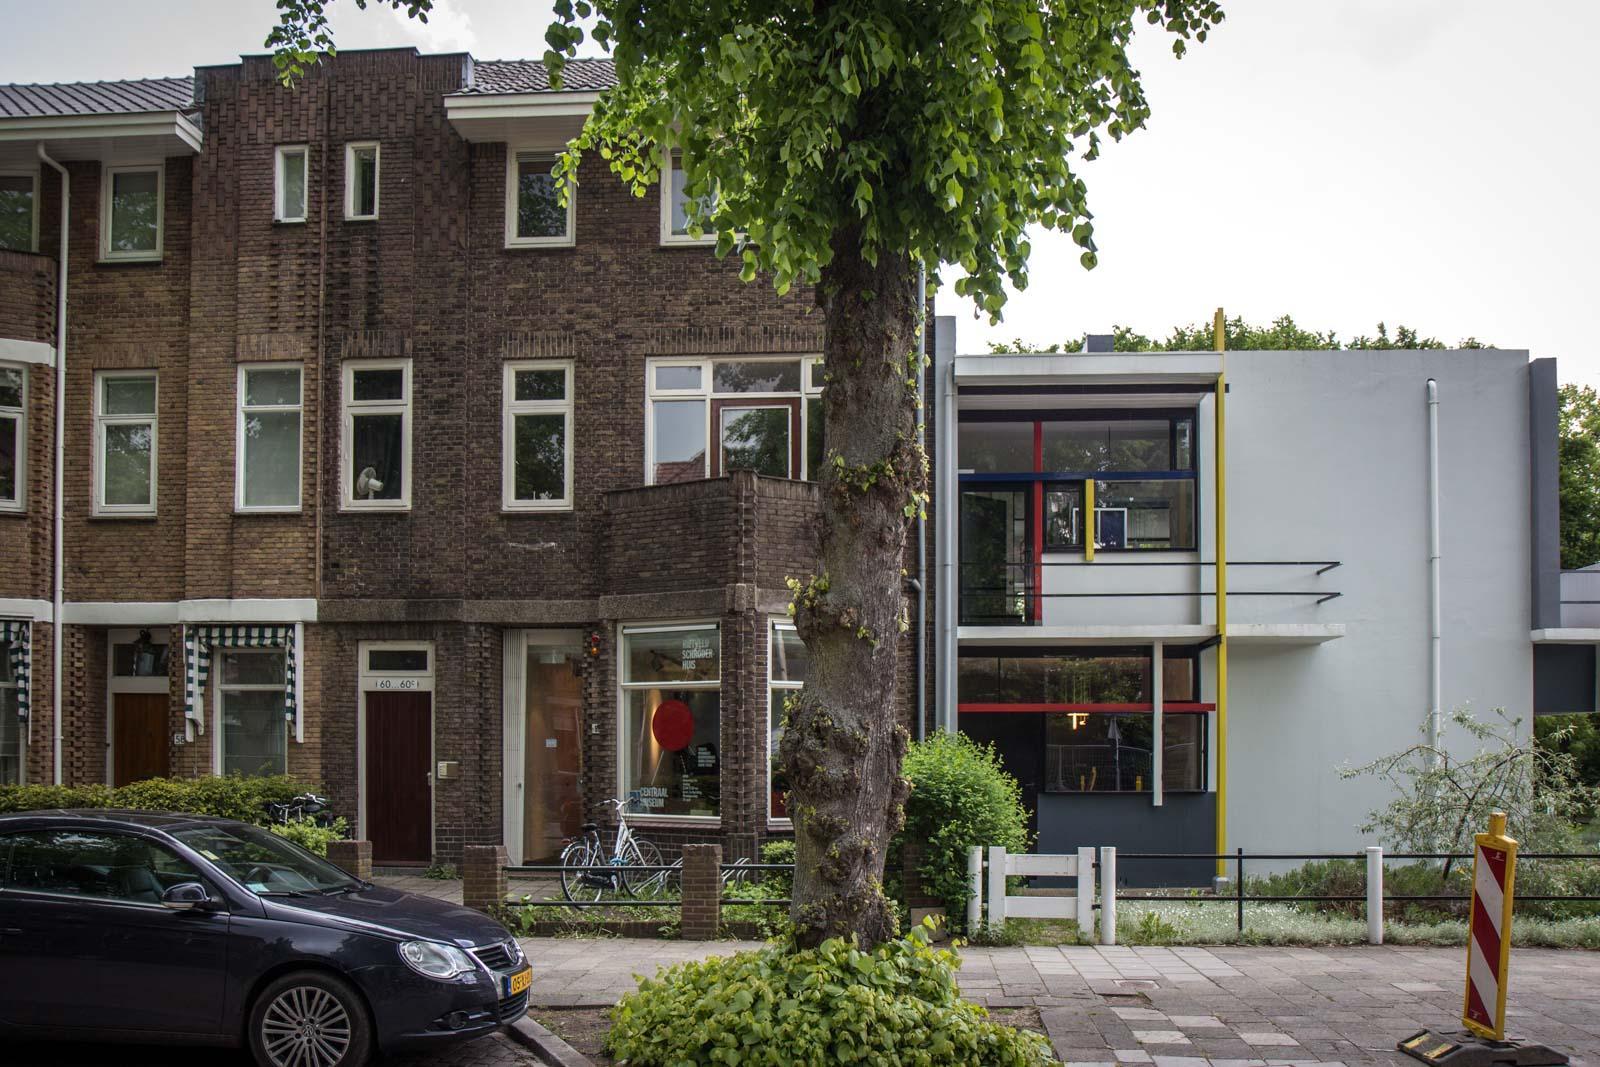 Rietveld schroder house utrecht the netherlands